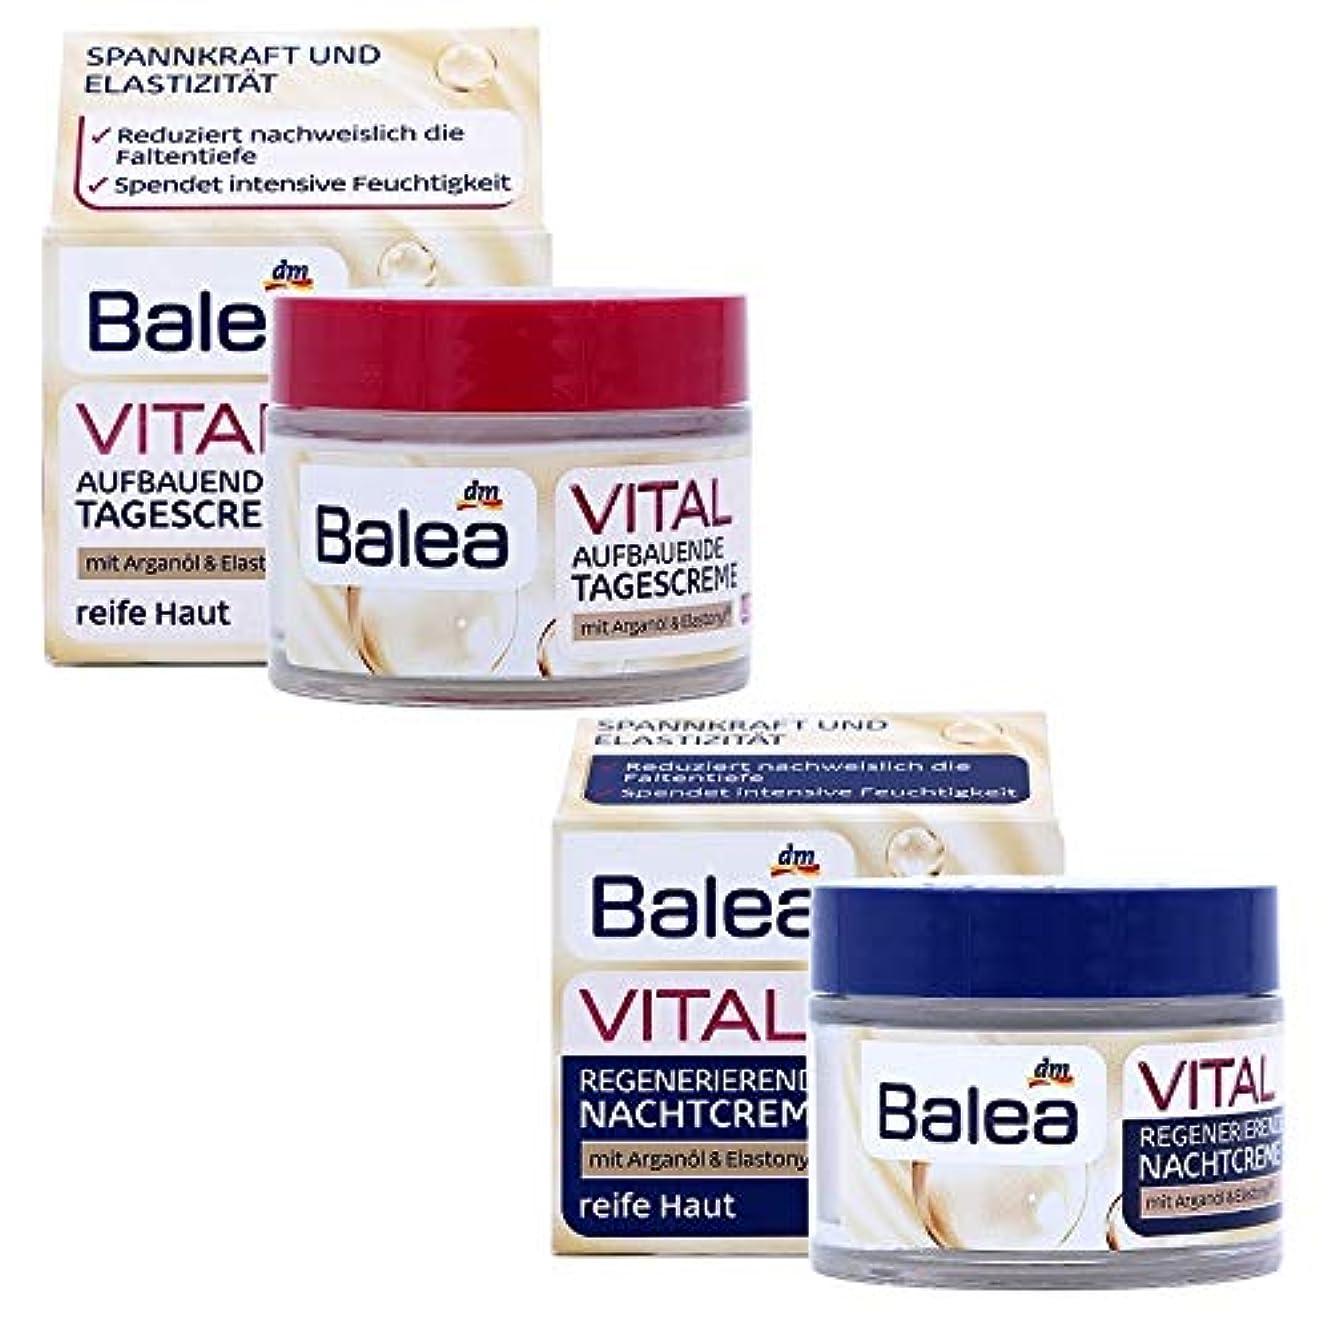 放送エイズ過去中高年の年齢のためのバオとBalea Upliffingデイクリーム+ナイトクリームセット40 +アンチリンクルは、弾力性を強化